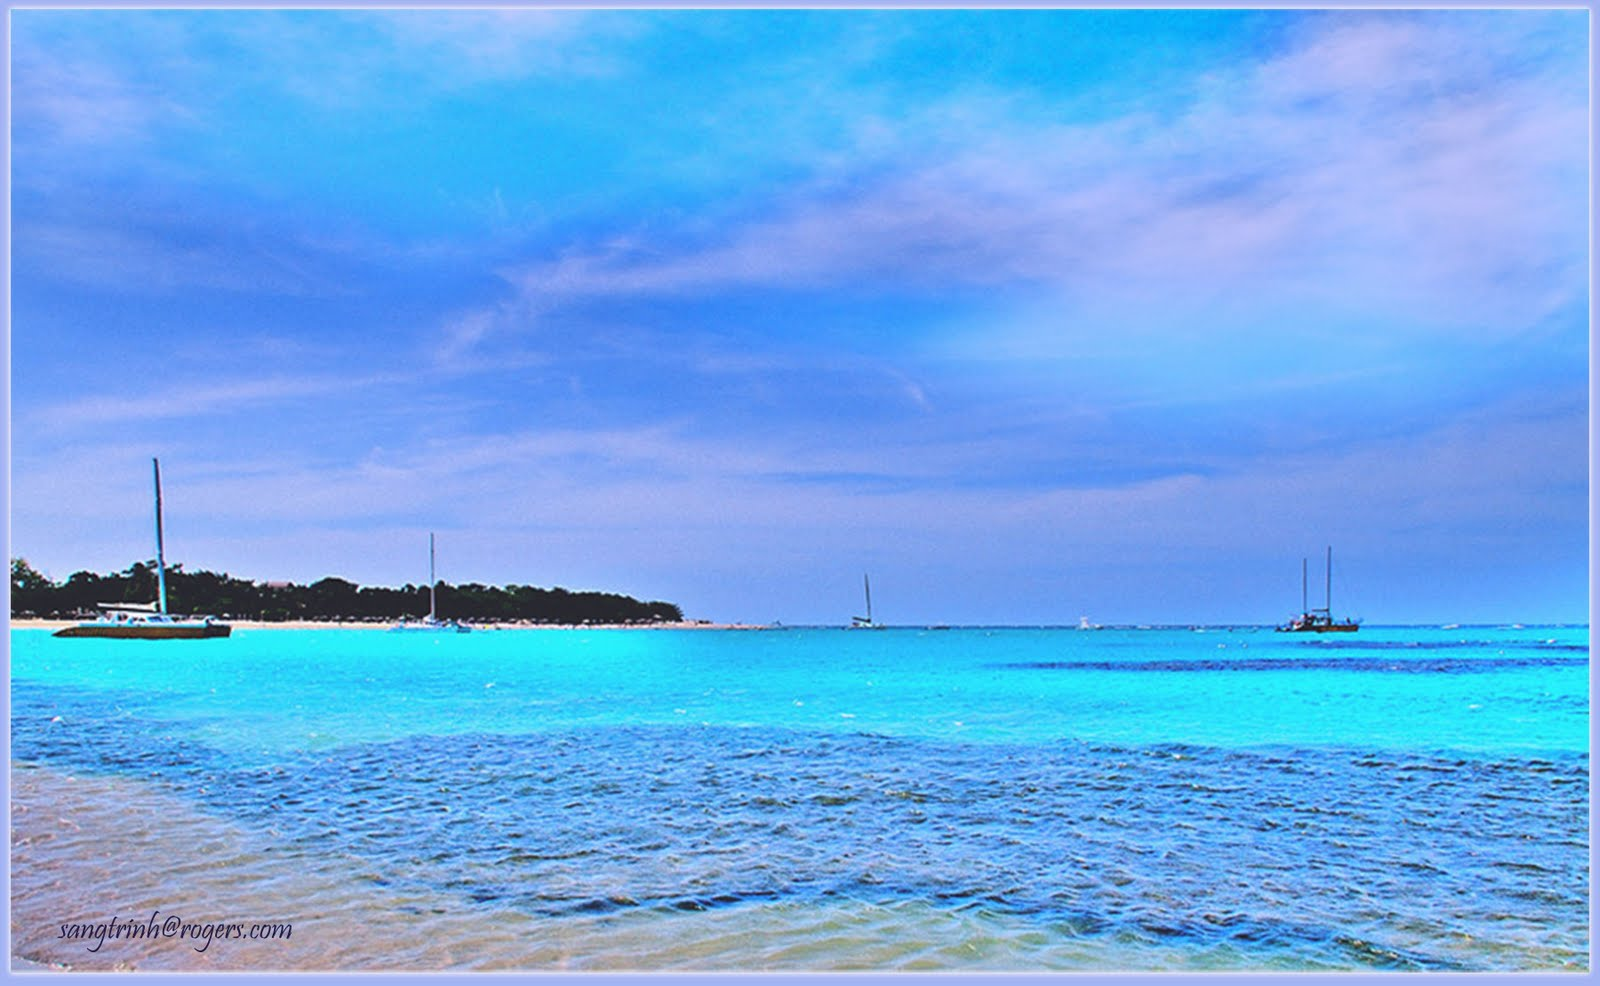 http://4.bp.blogspot.com/-cJI28Gv9JMk/TlqMwrD4iTI/AAAAAAAAEeQ/Hs3CC8byLLo/s1600/Caribbean-Sea_RS.jpg